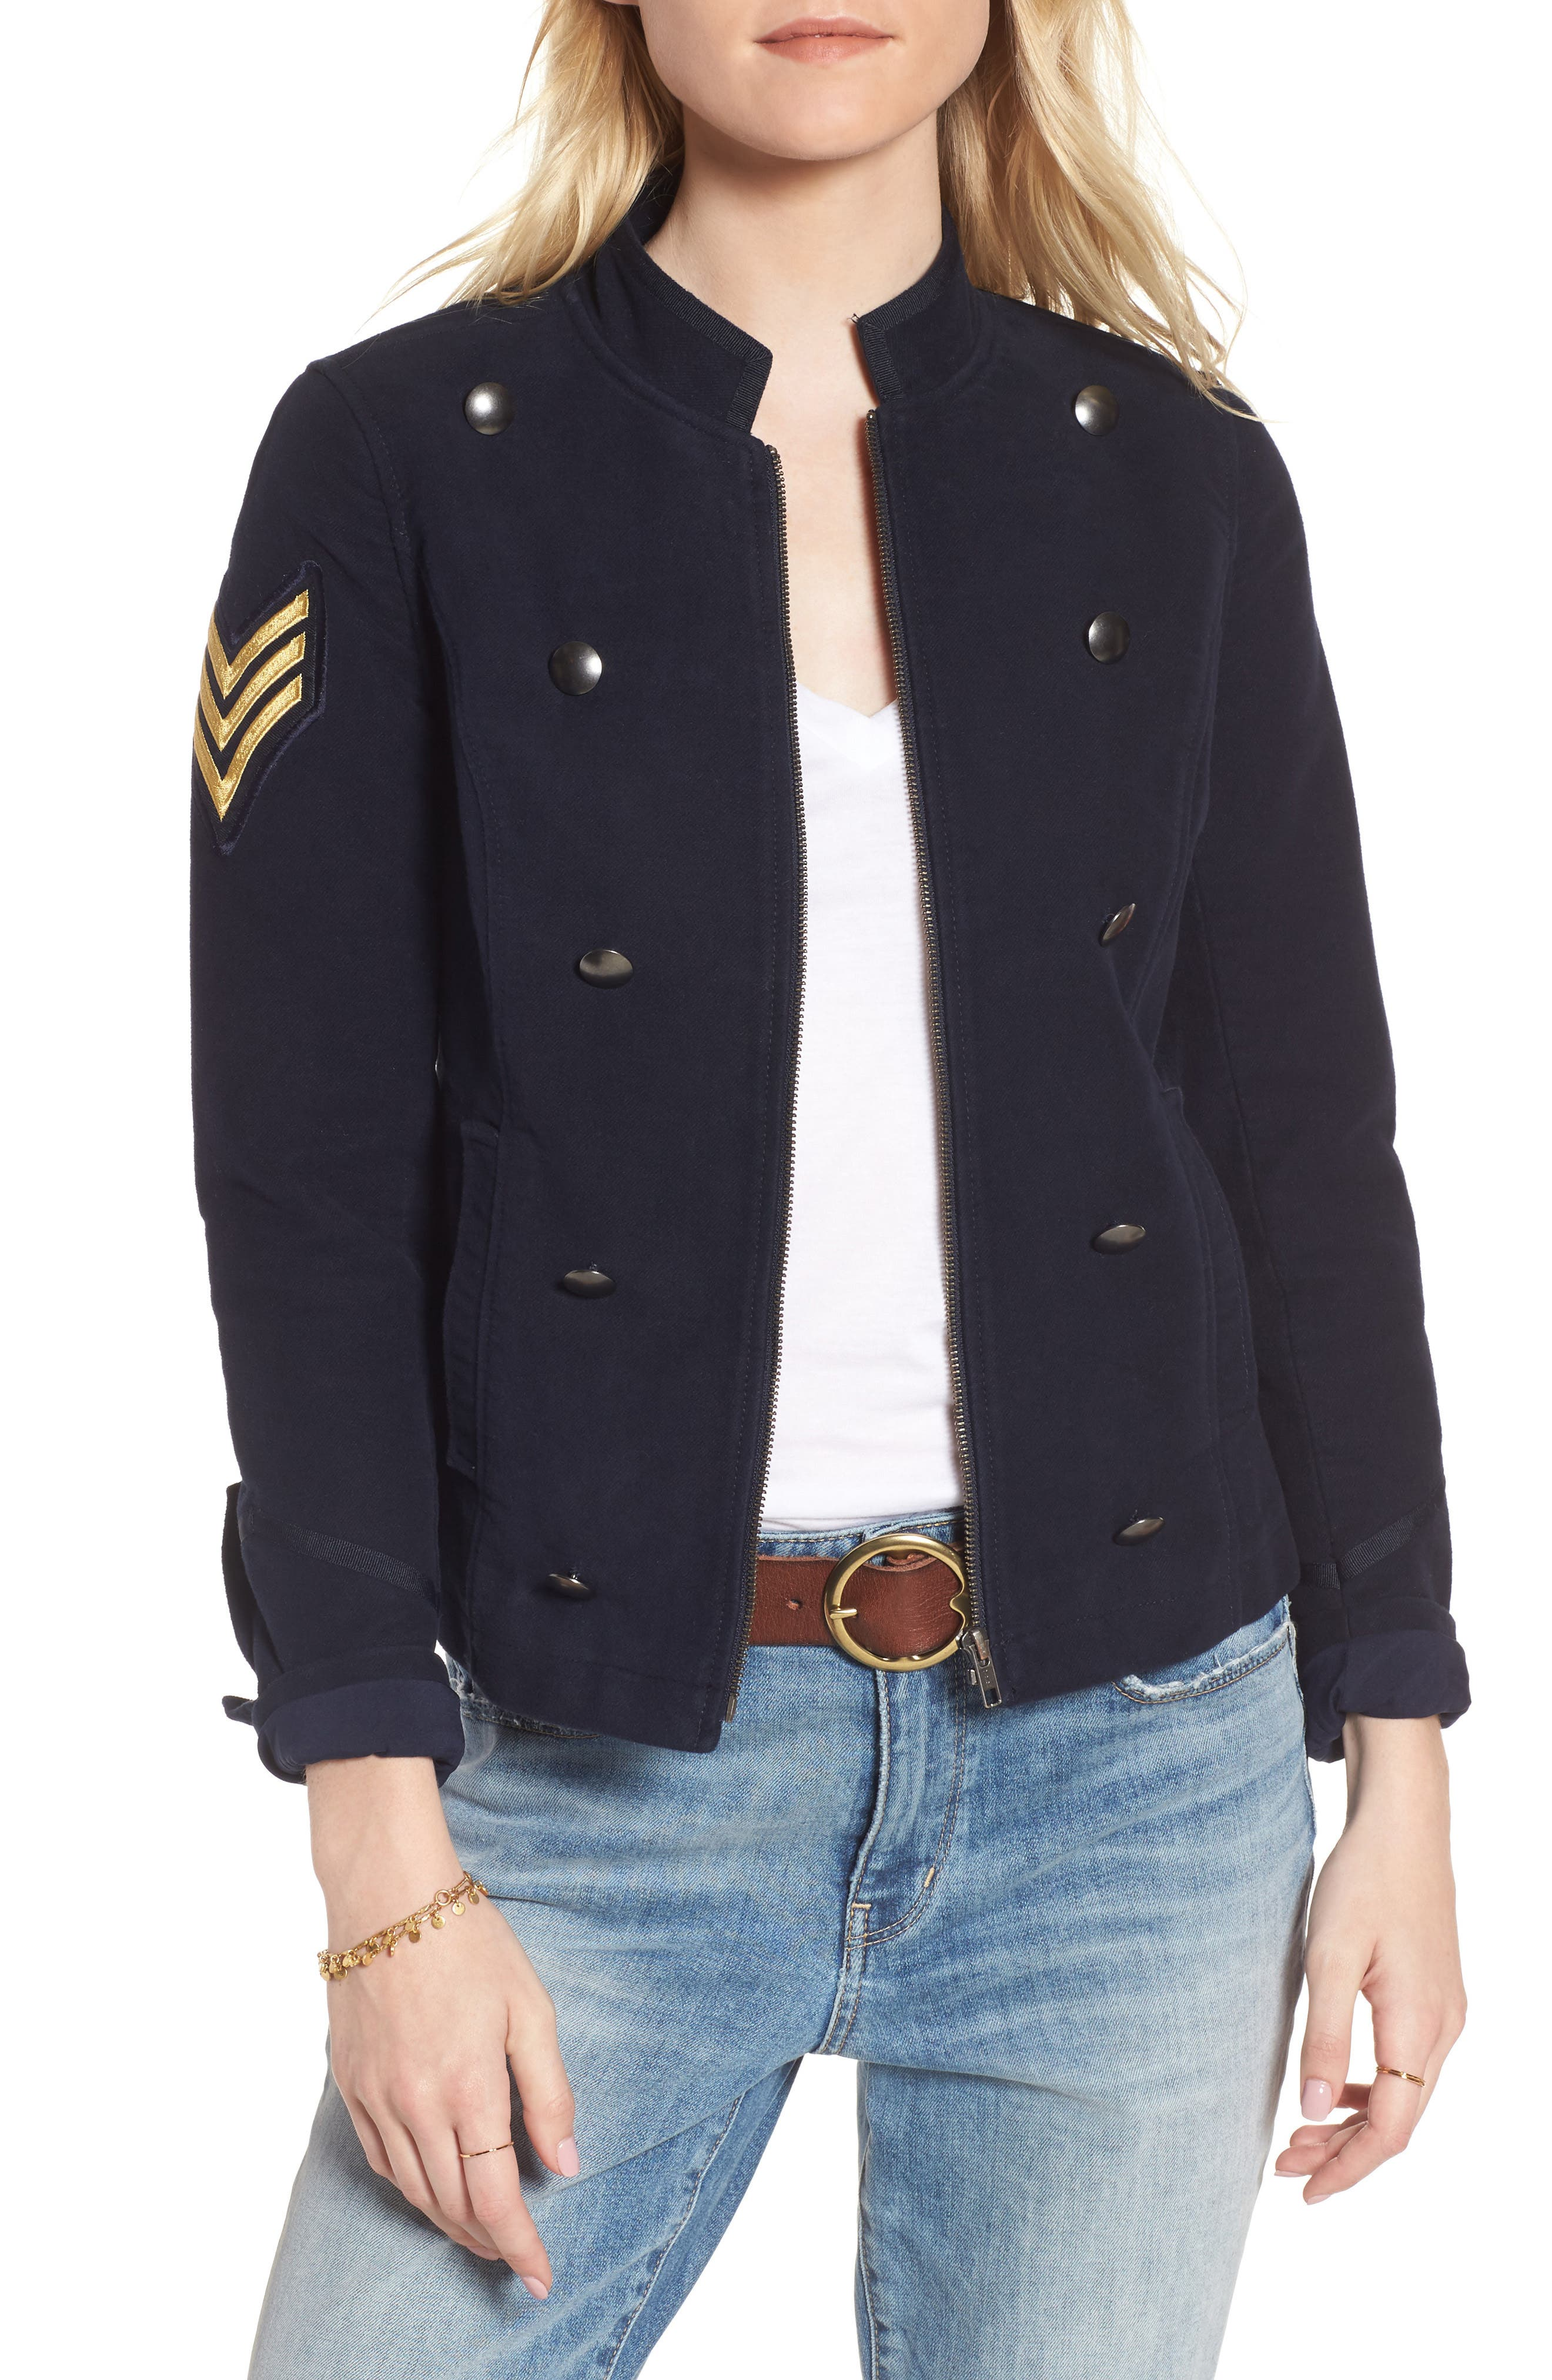 Main Image - Treasure & Bond Officers Jacket